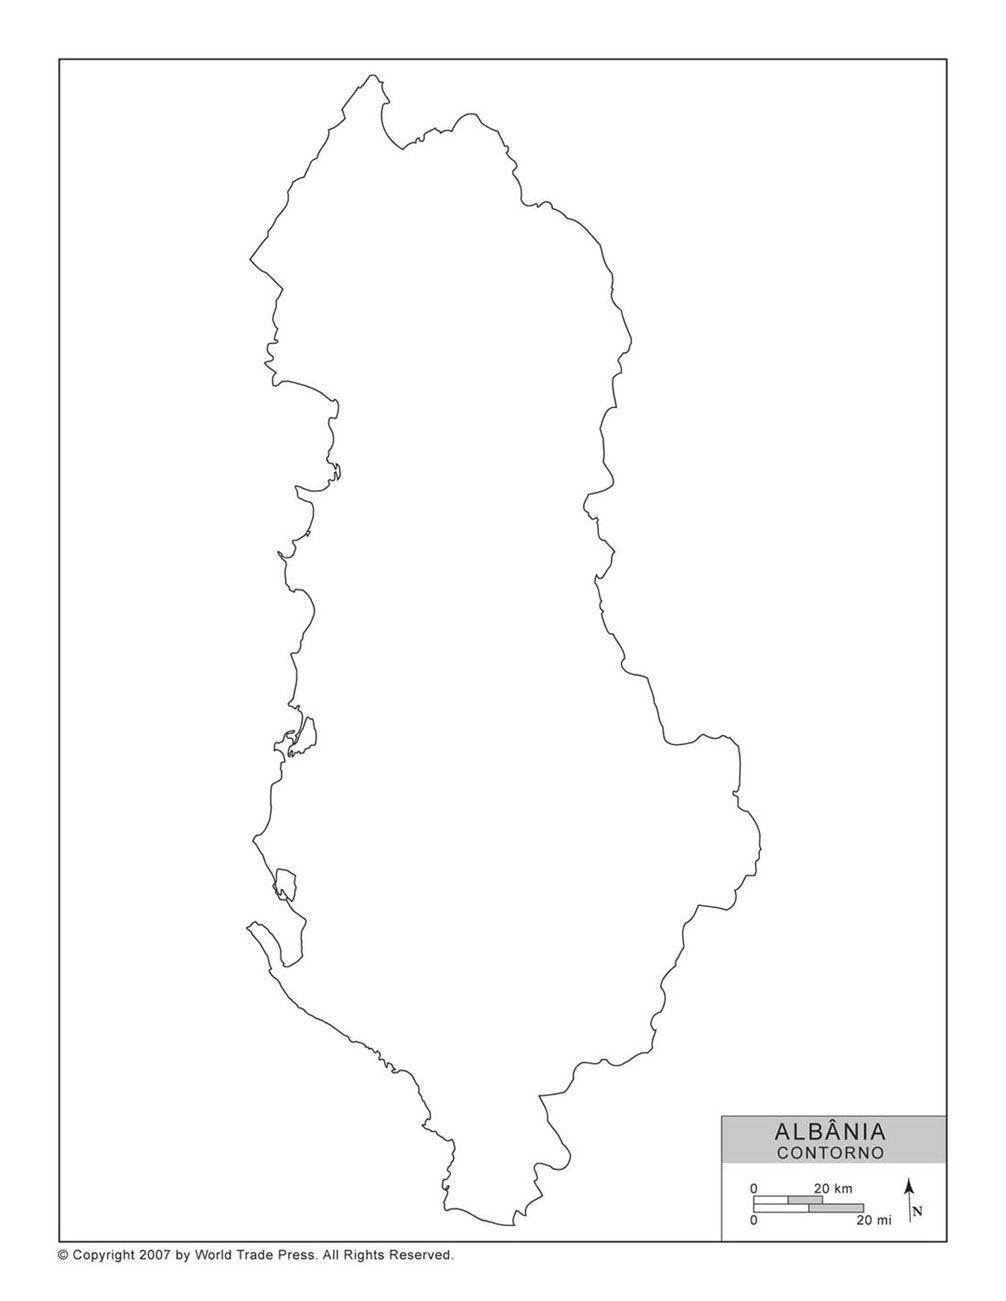 Mapa da Albânia com Contorno